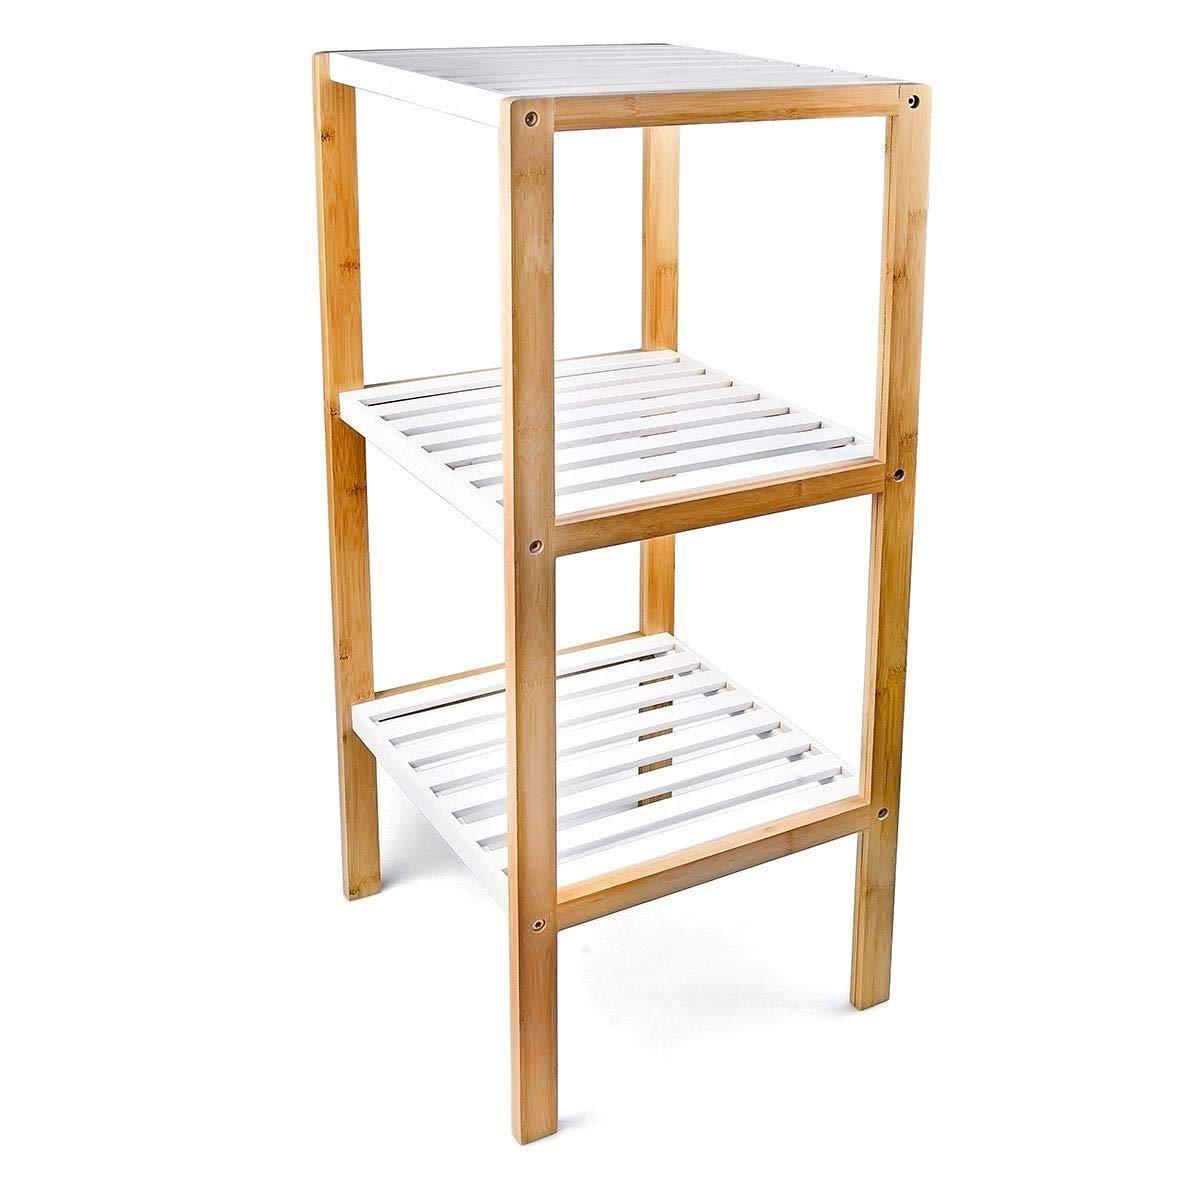 Generic Organizer Badezimmer-Regal mit mit mit S-Etagen, Holz, Bambus, Holz, Ständer für Badeschuhe und Schuhaufbewahrung d5c4d8